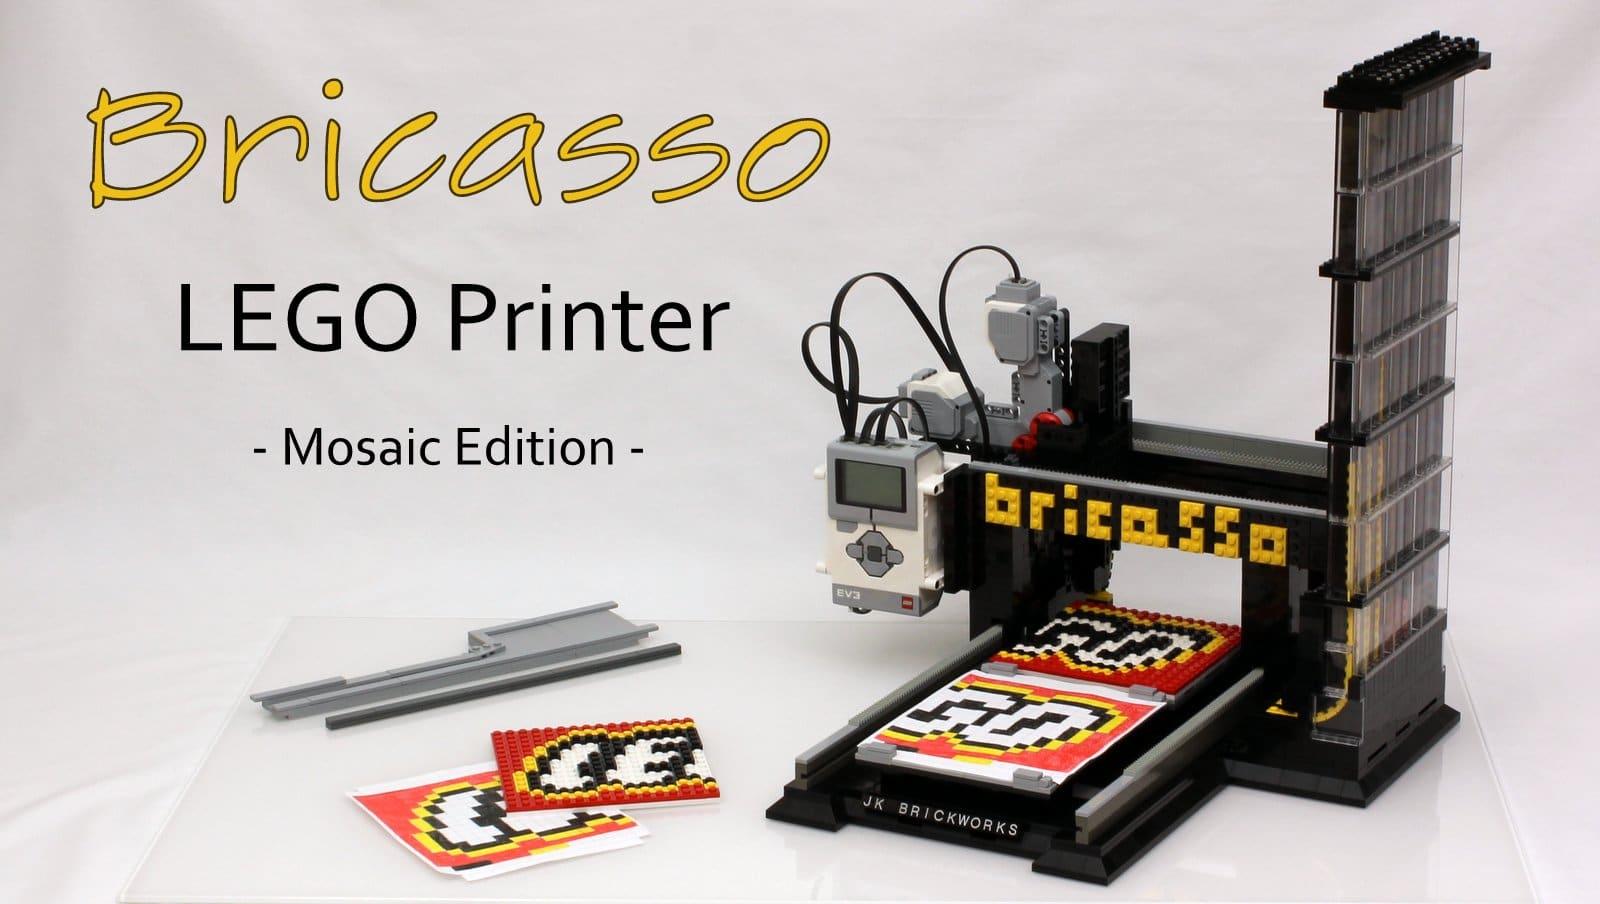 Ein Drucker aus LEGO-Teilen, der wirklich funktioniert. (Foto: jkbrickworks)